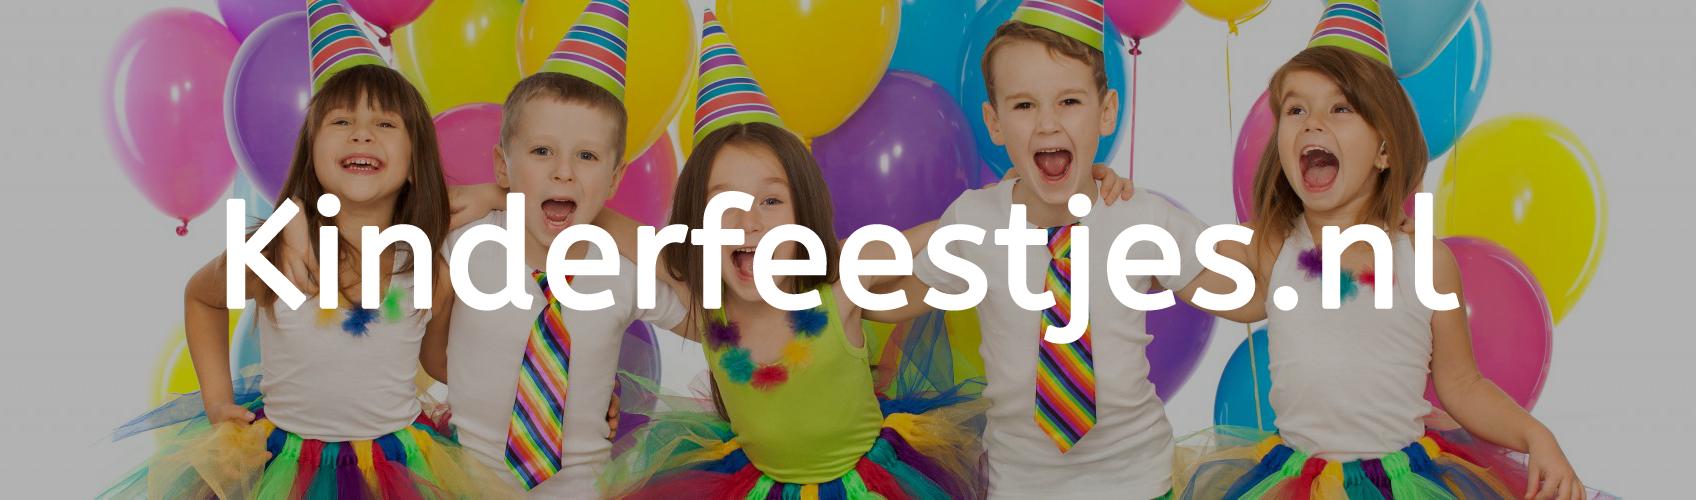 Genoeg Kinderfeestjes.nl - Kinderfeestjes vieren? De leukste #UO35